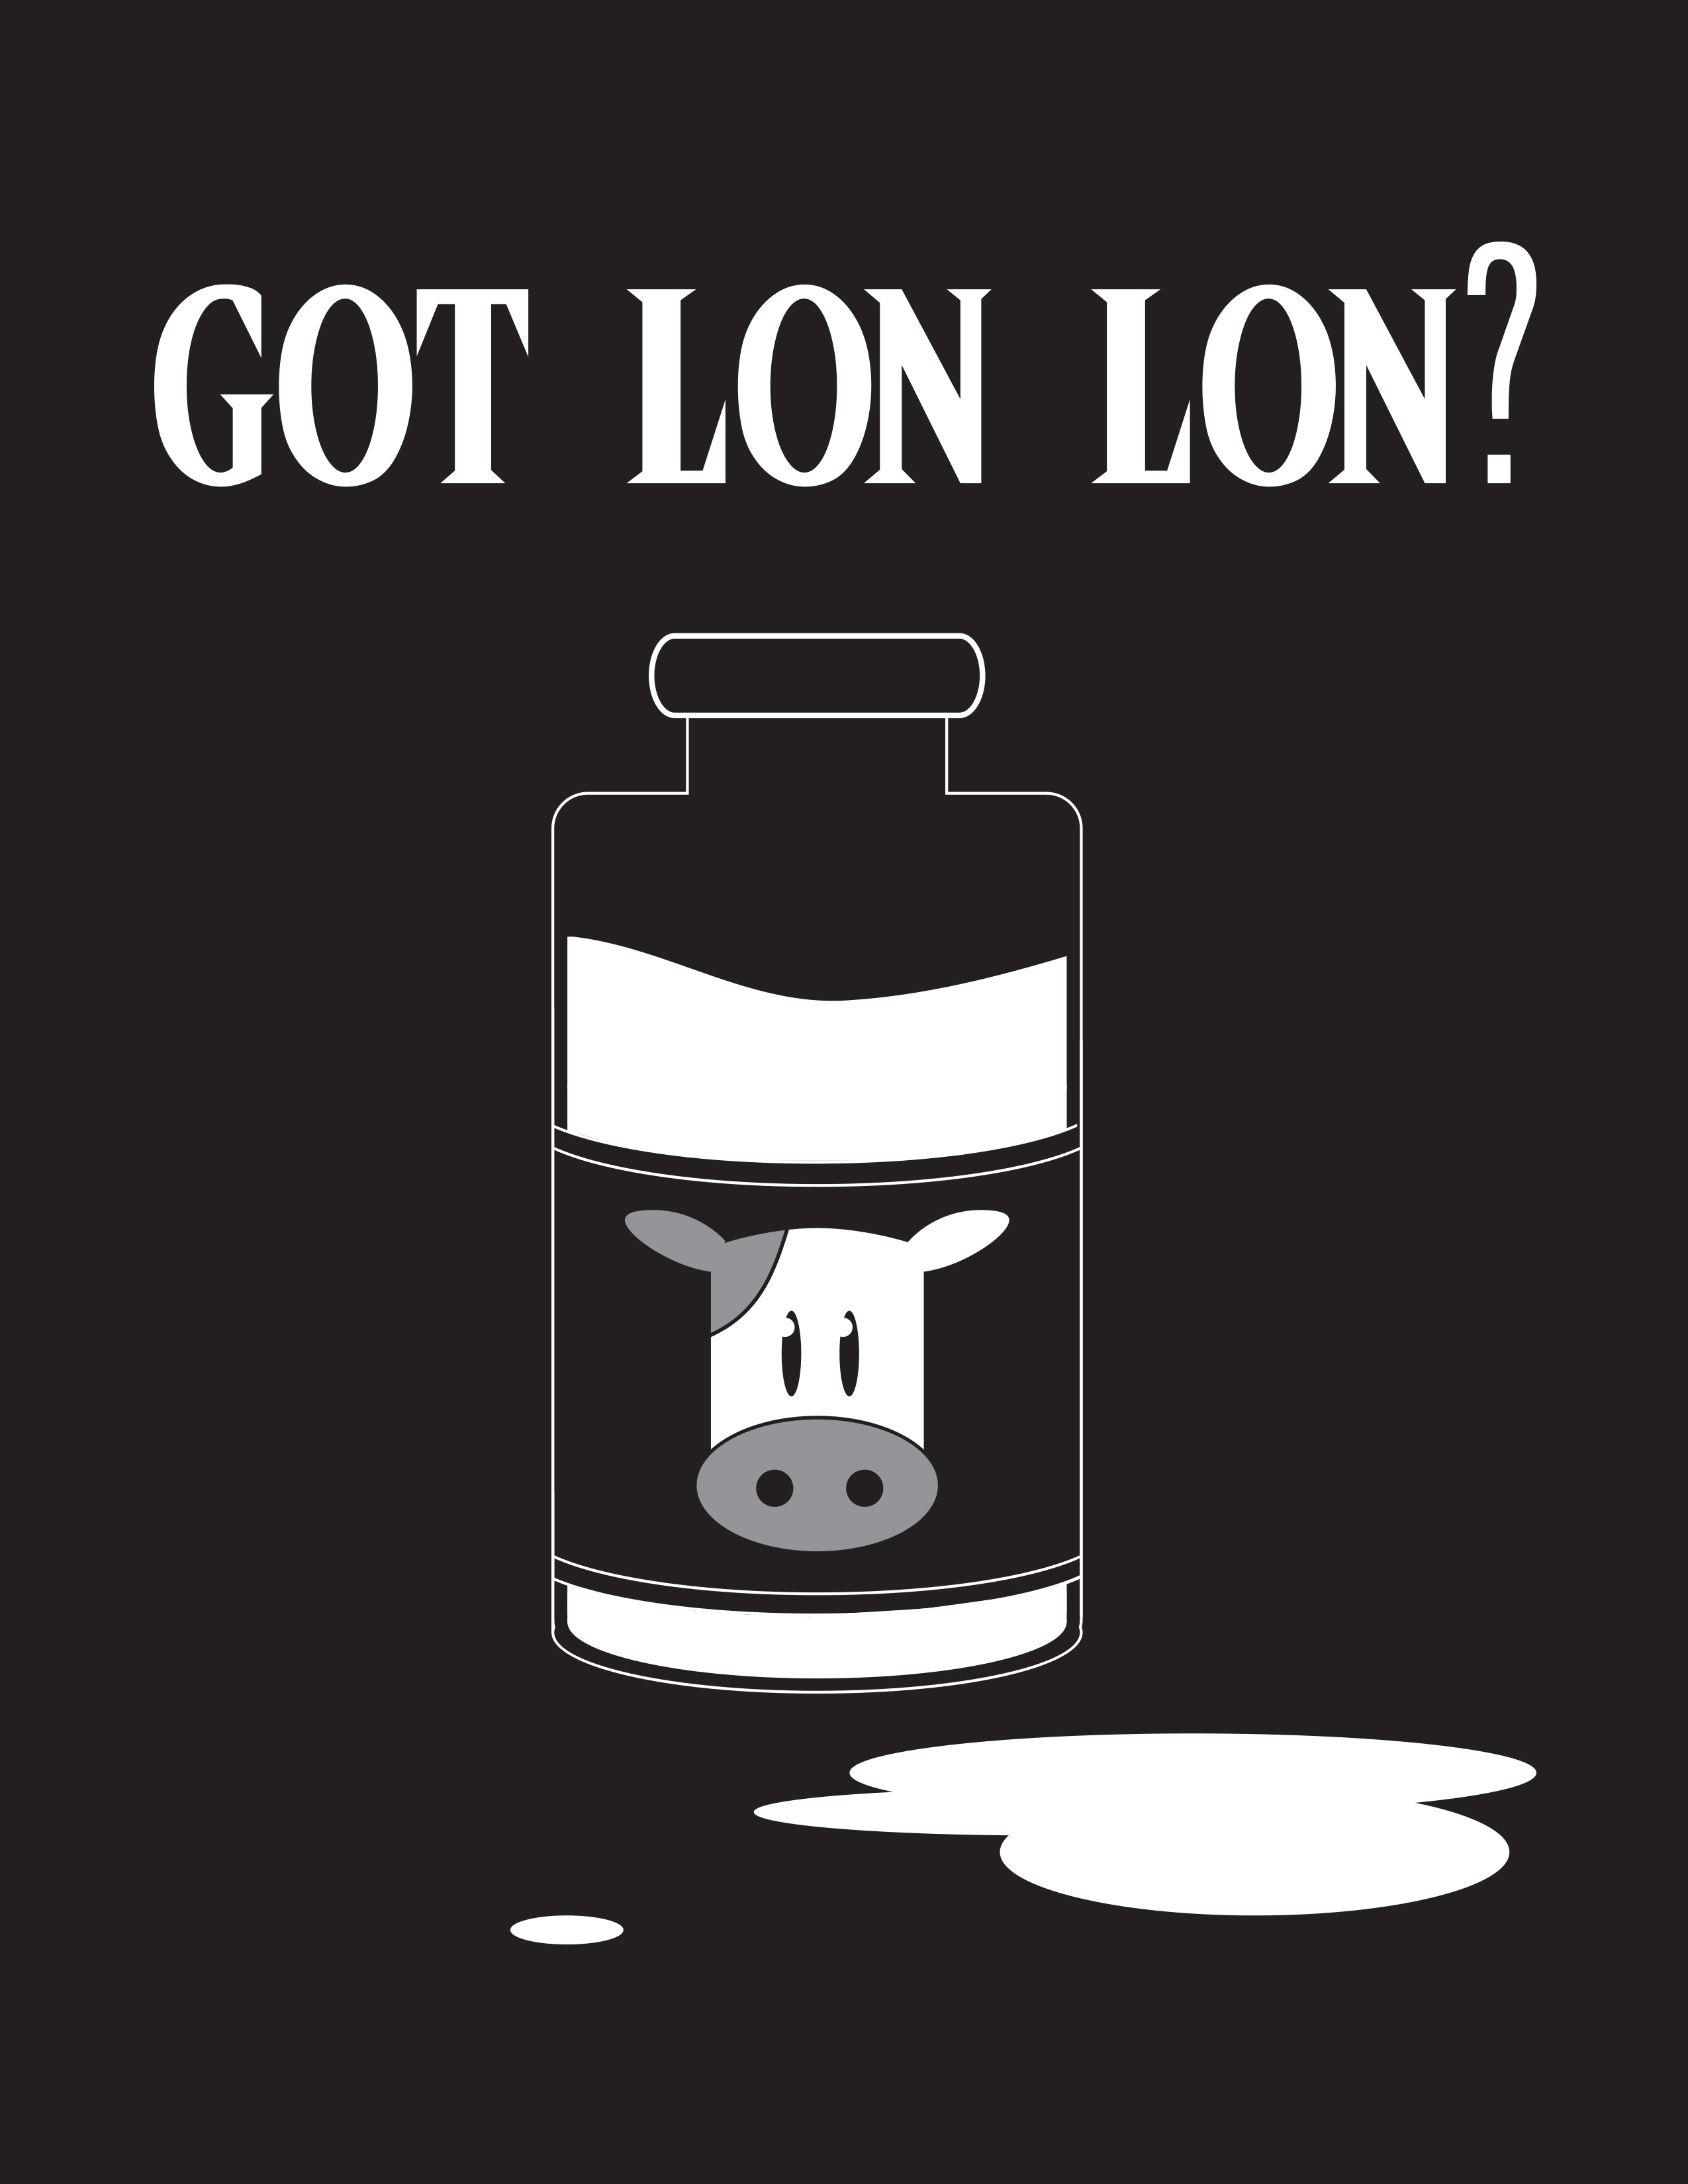 Got Lon Lon?